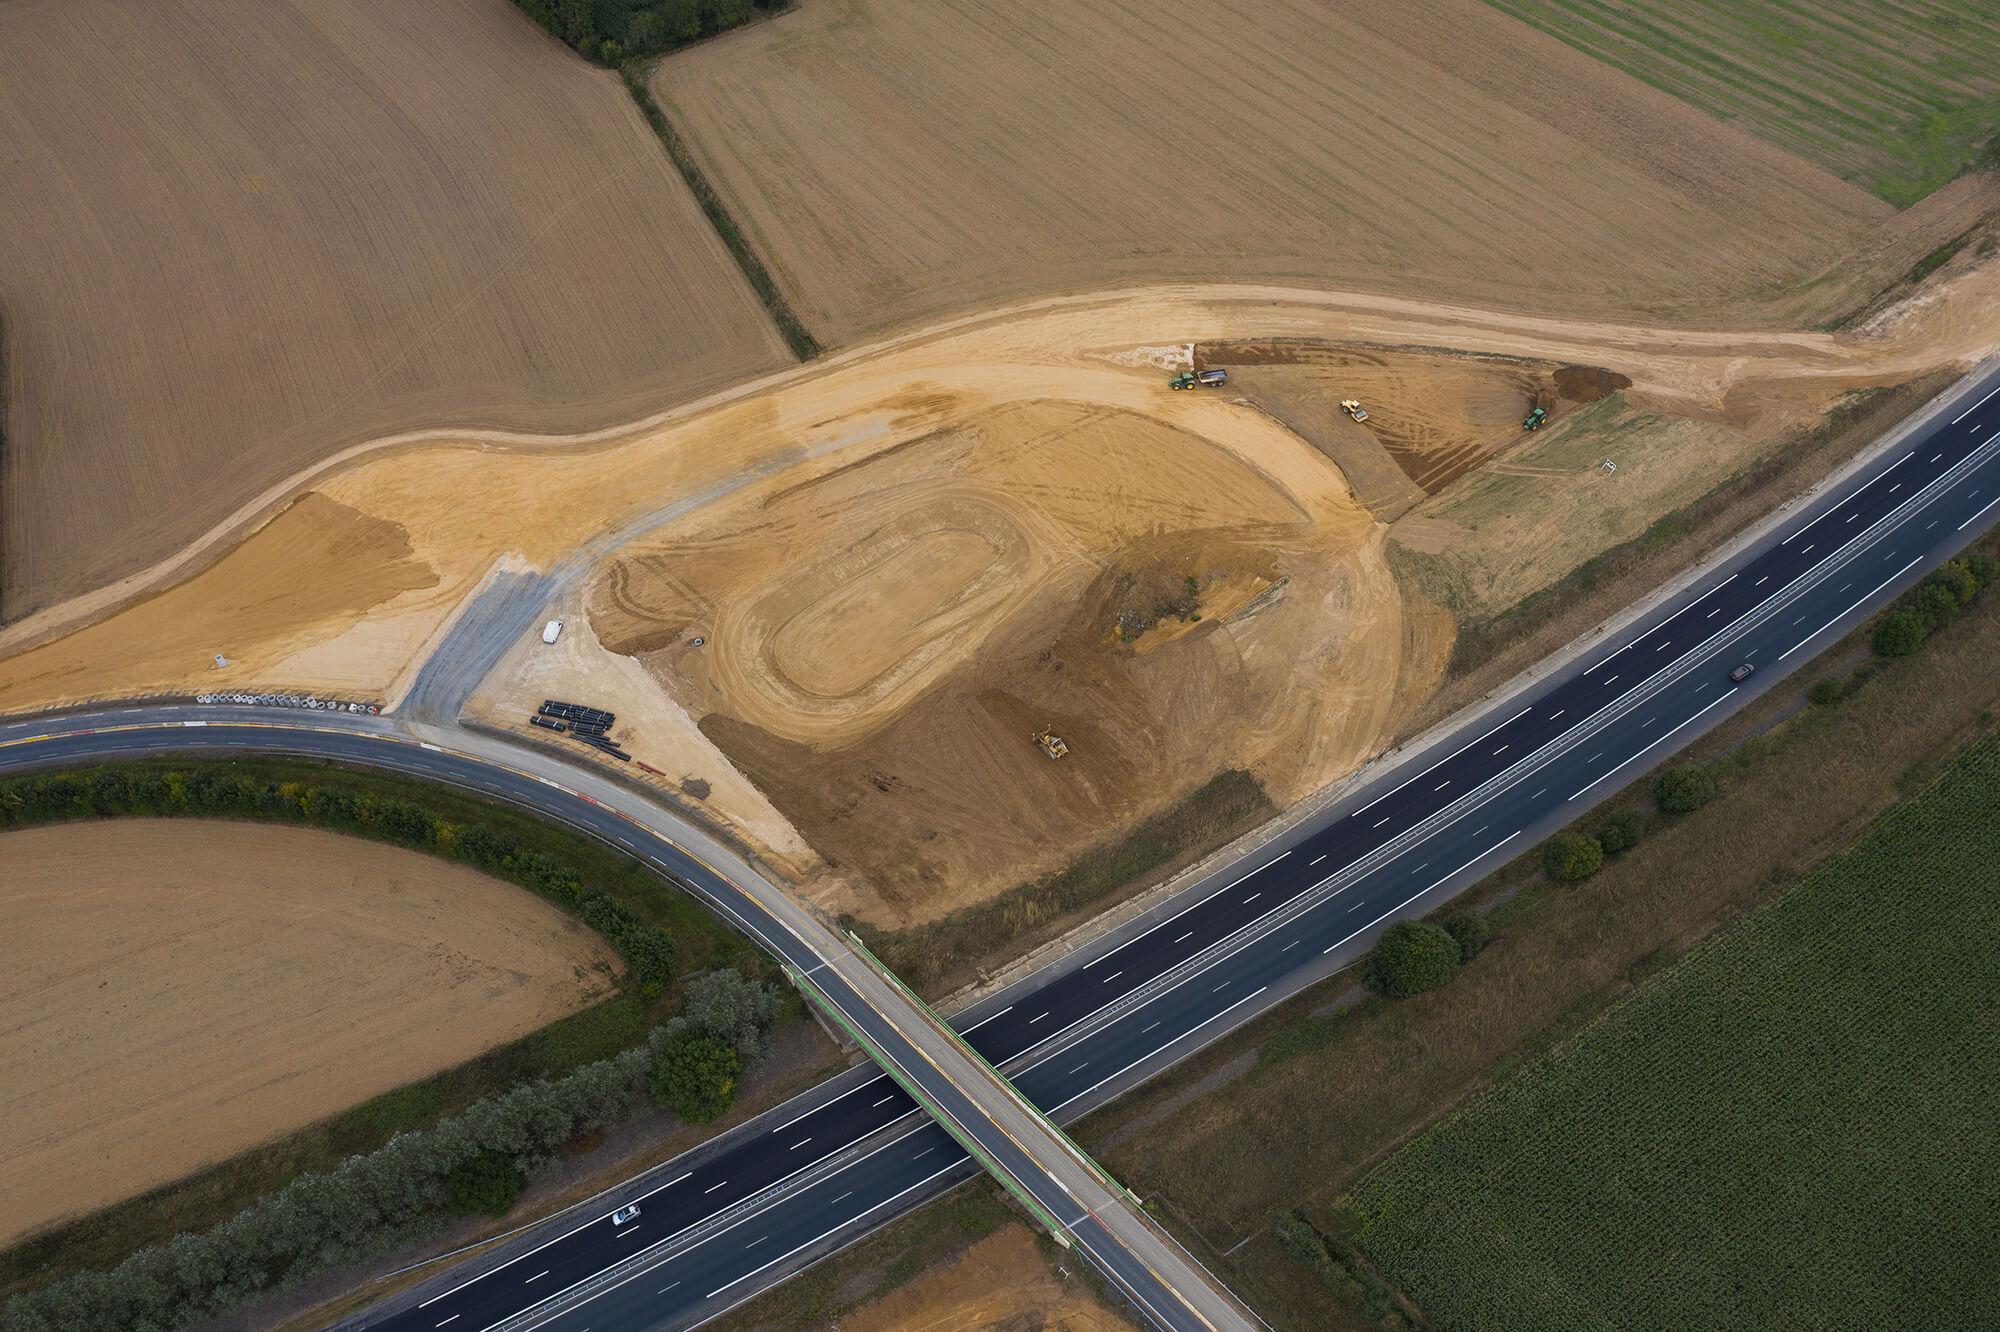 Mastell chantier Monceaux en Bessin sept 2019 (14)